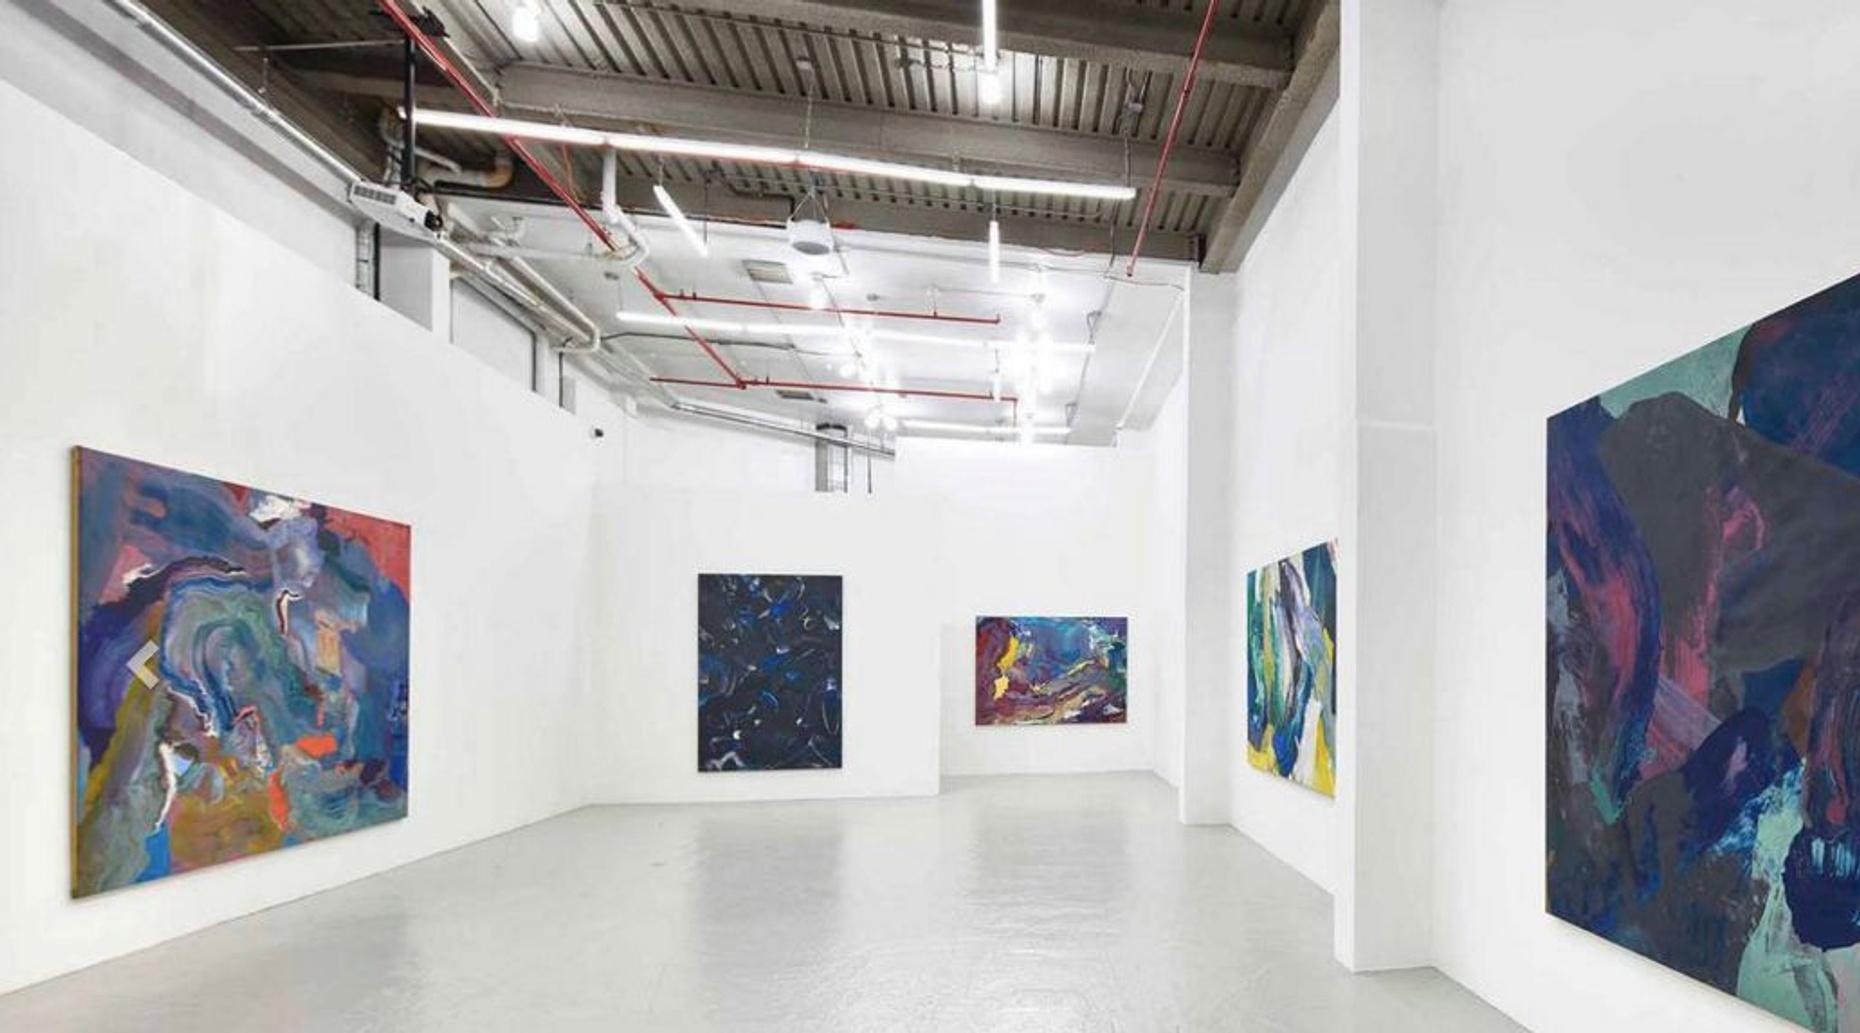 Art Behind Hidden Doors in The Upper East Side